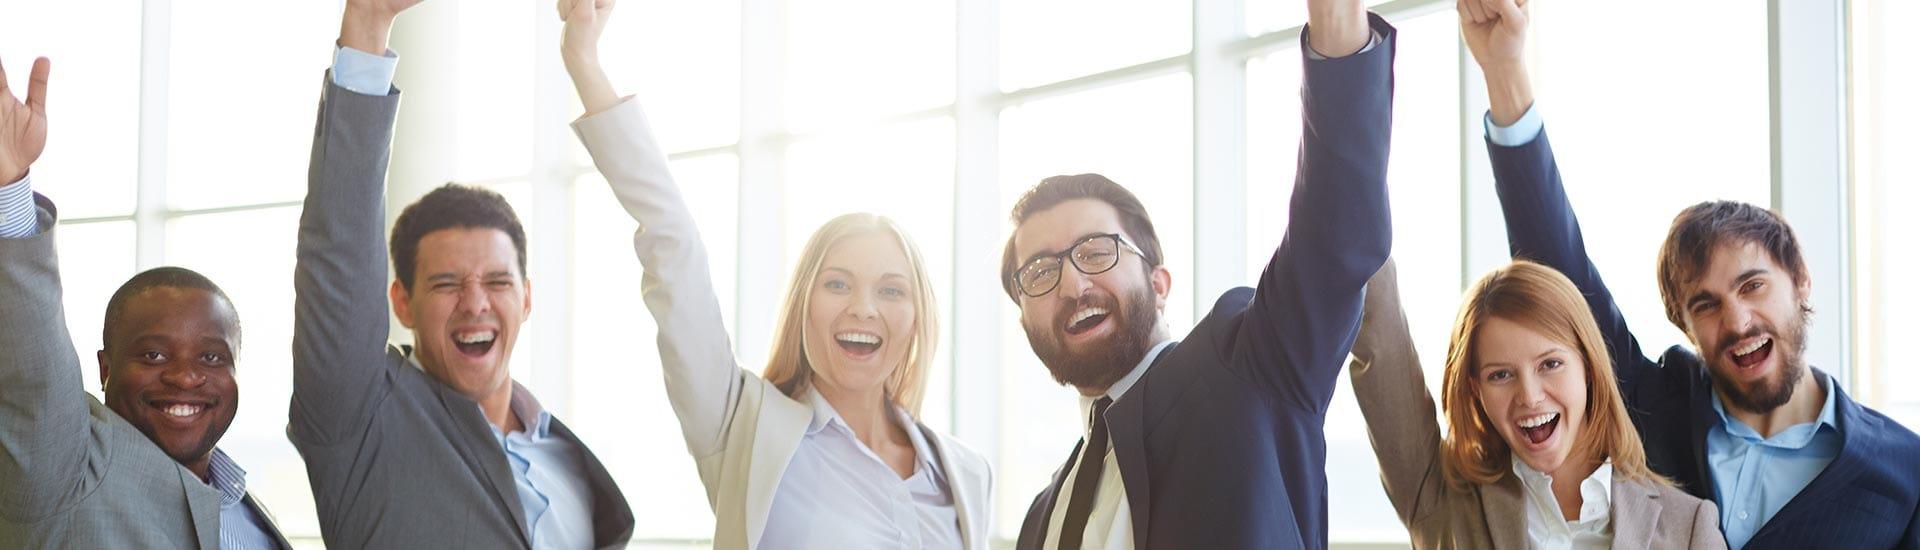 Jobnavigation - Startseite - Headerbild